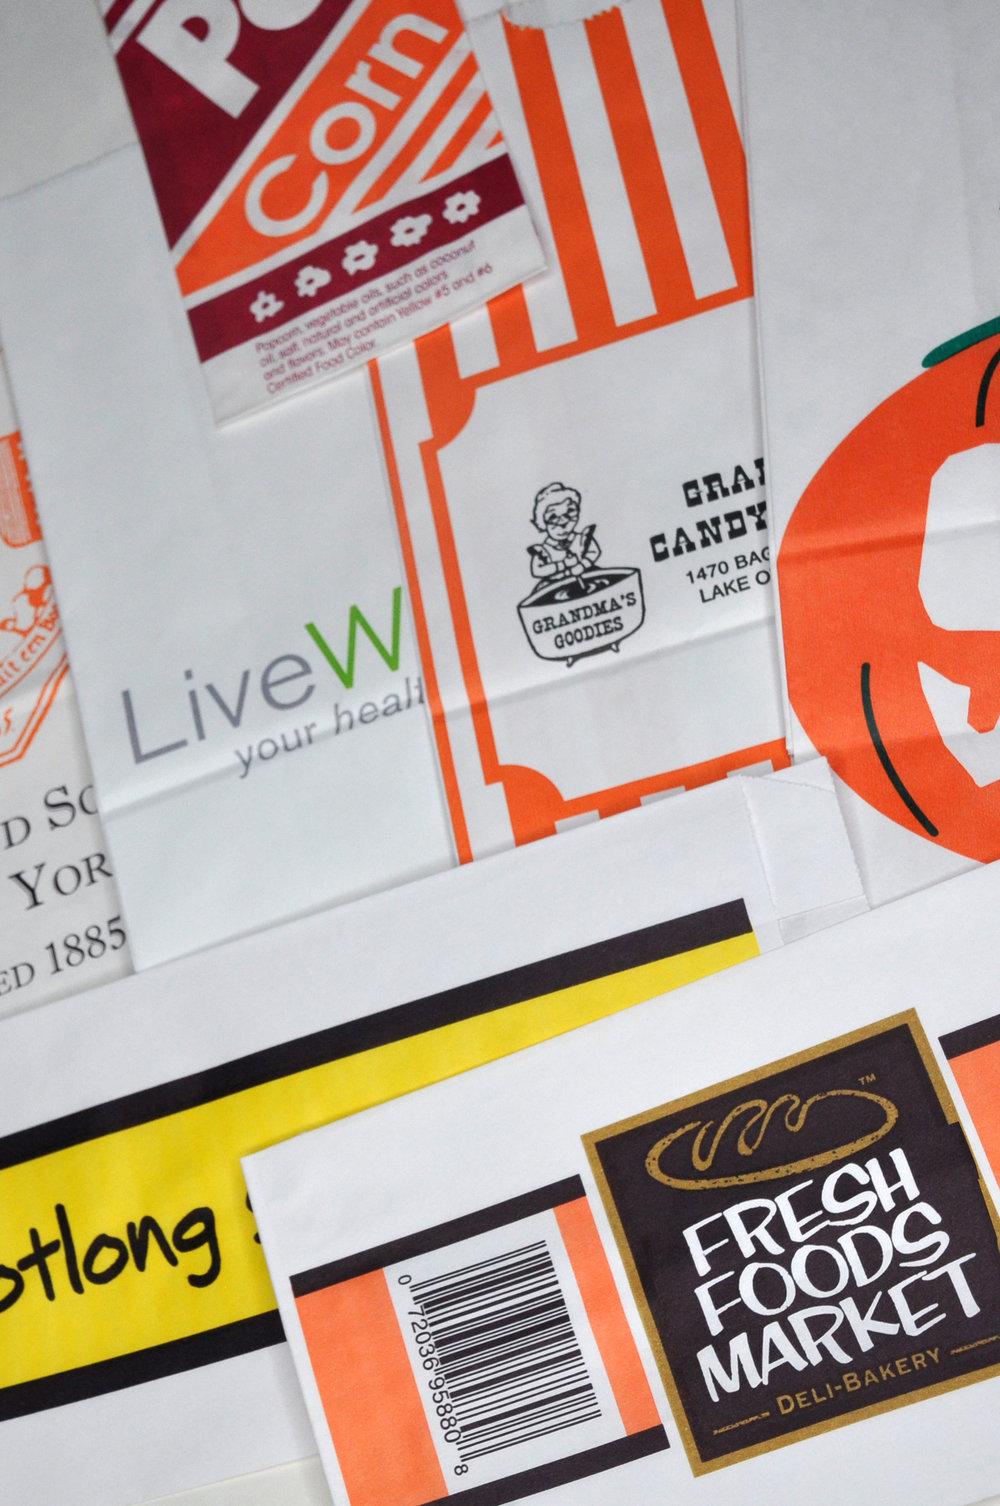 cardinal-bag-full-custom-printing-paper-bags